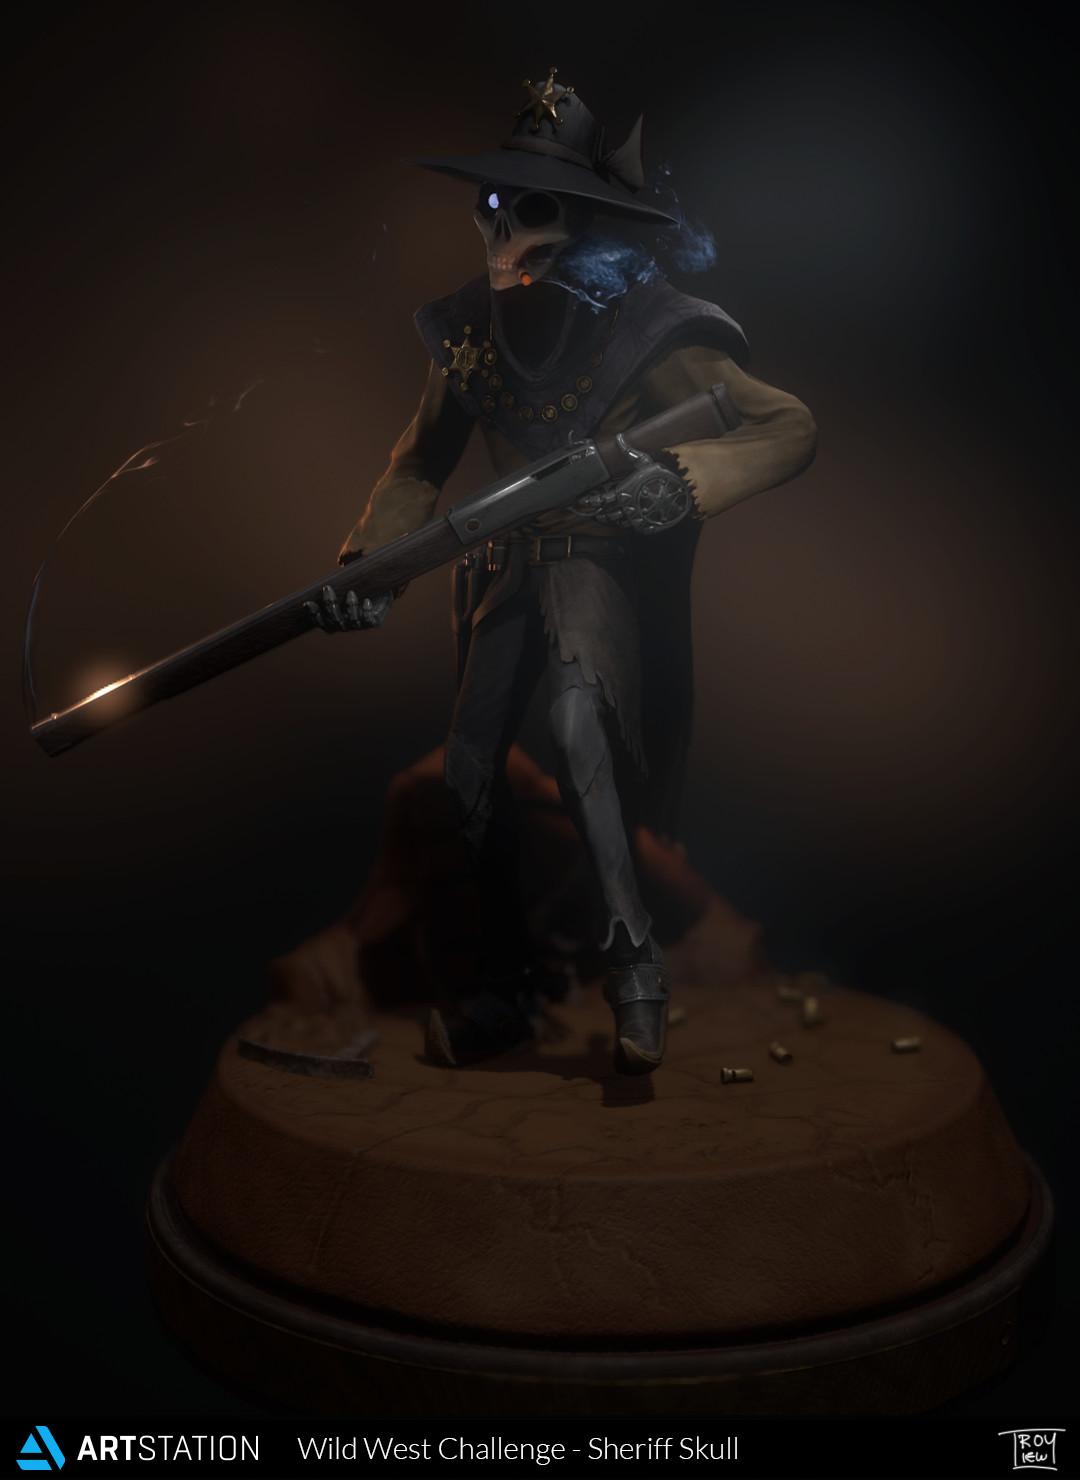 Sheriff Skull - Wild West Challenge